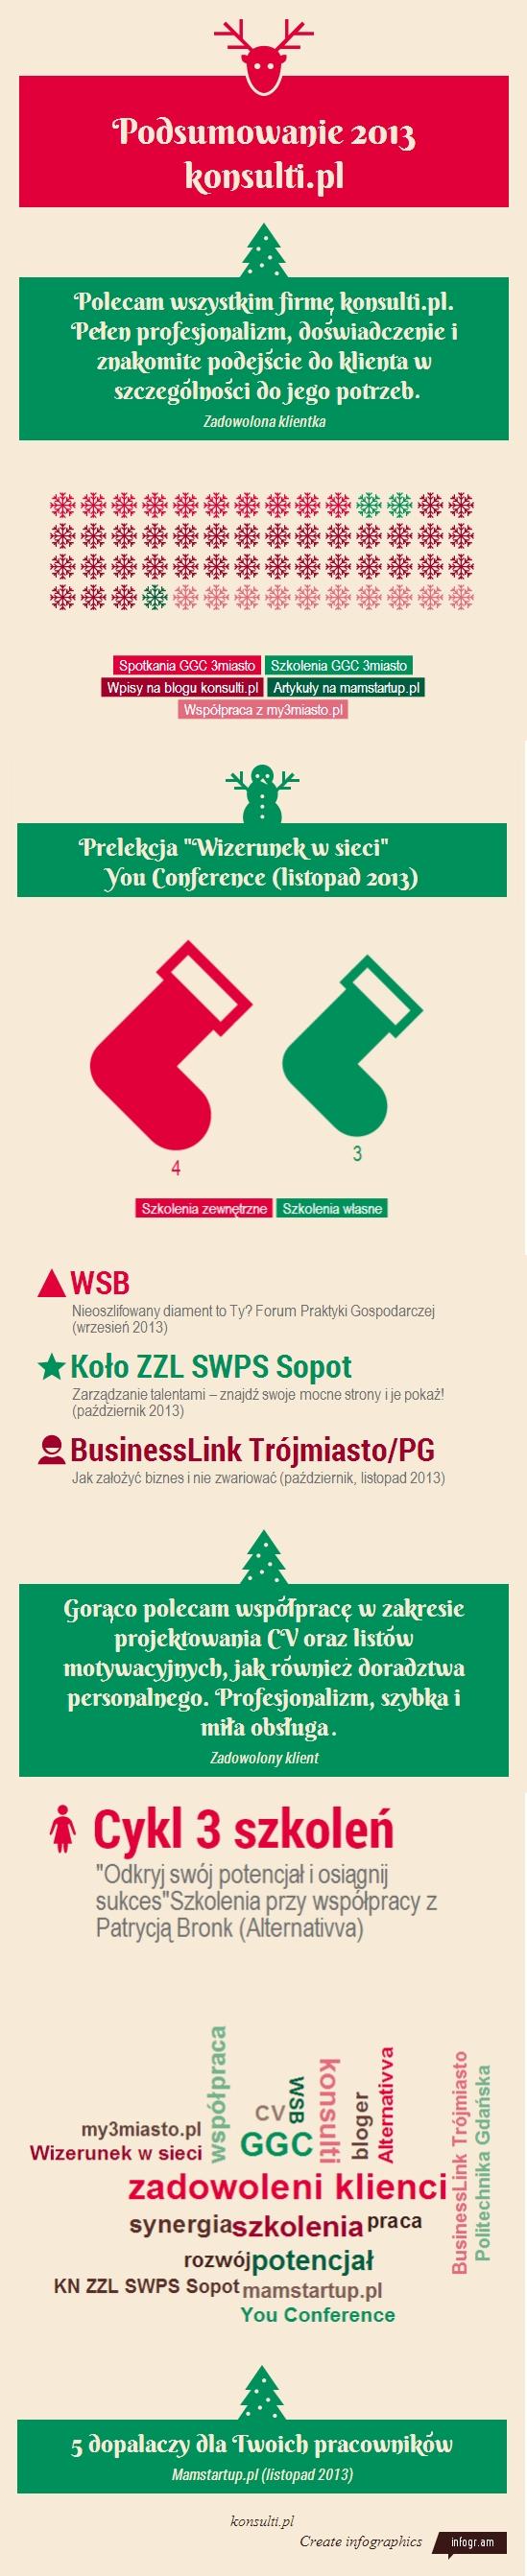 Podsumowanie 2013 roku infografika